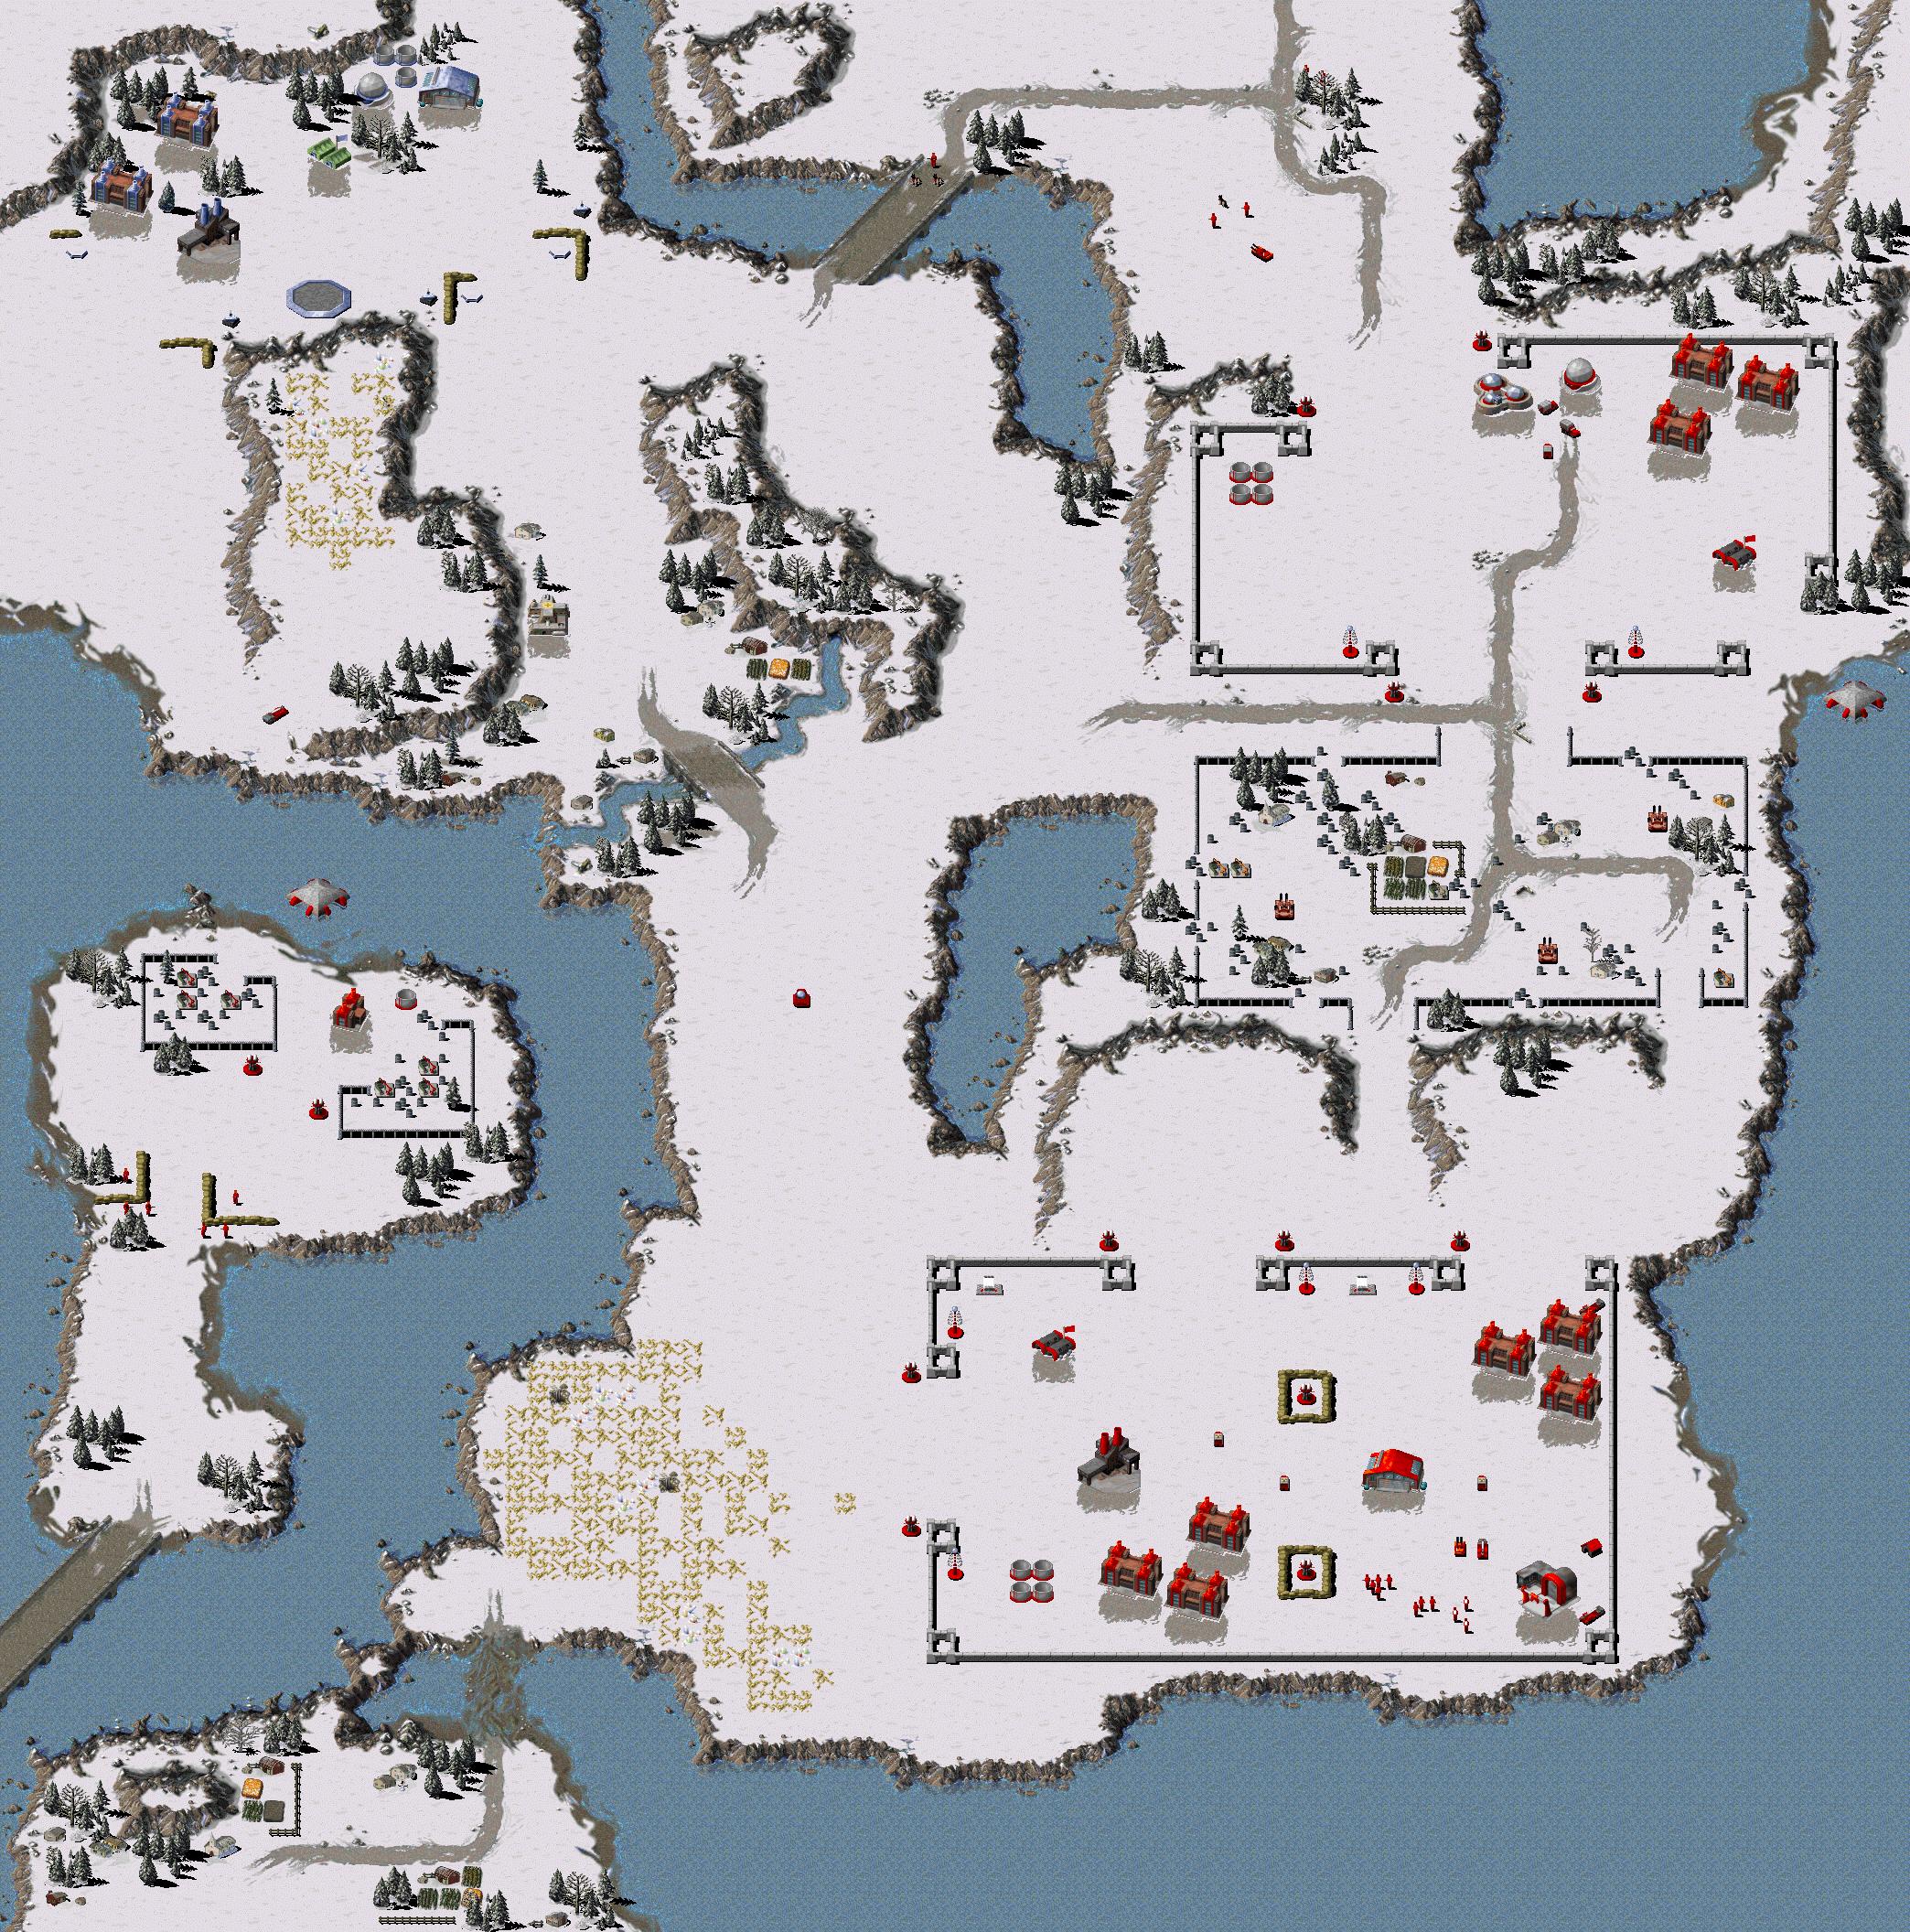 RA1 SCG45EA Map.png